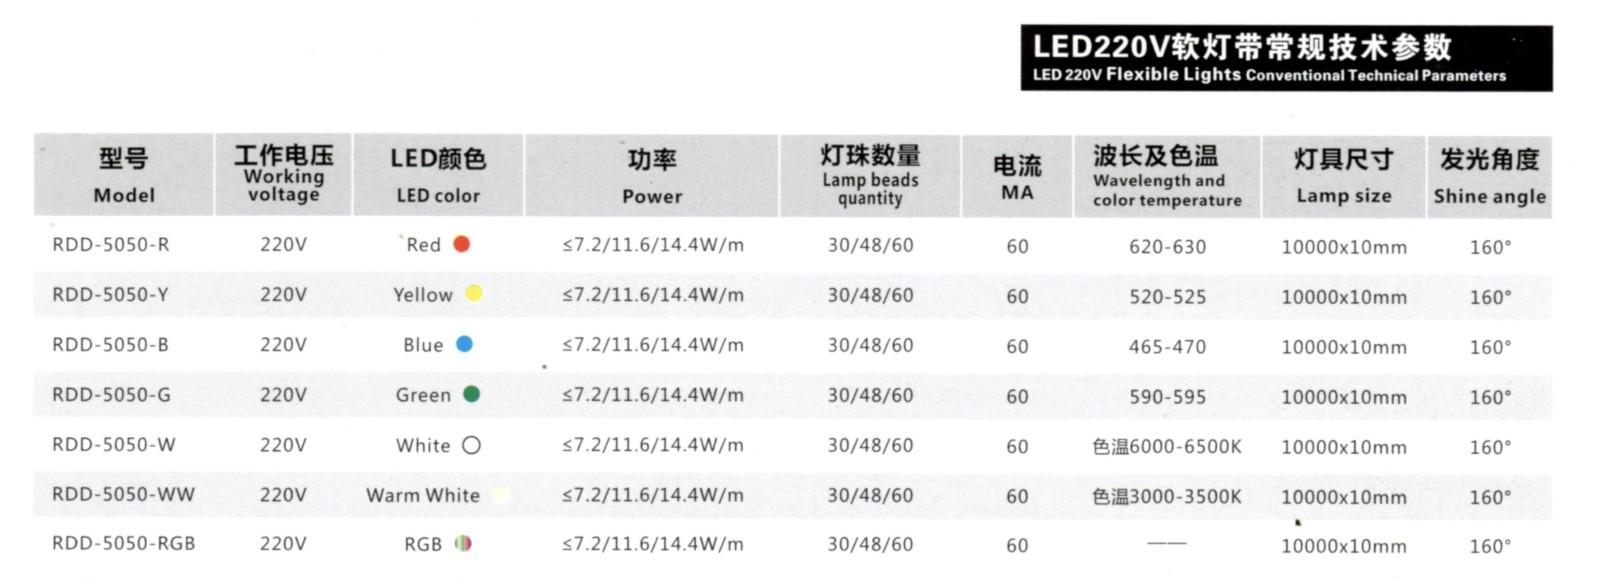 LED220V软灯带Model∶RDD-5050-220V参数.jpg